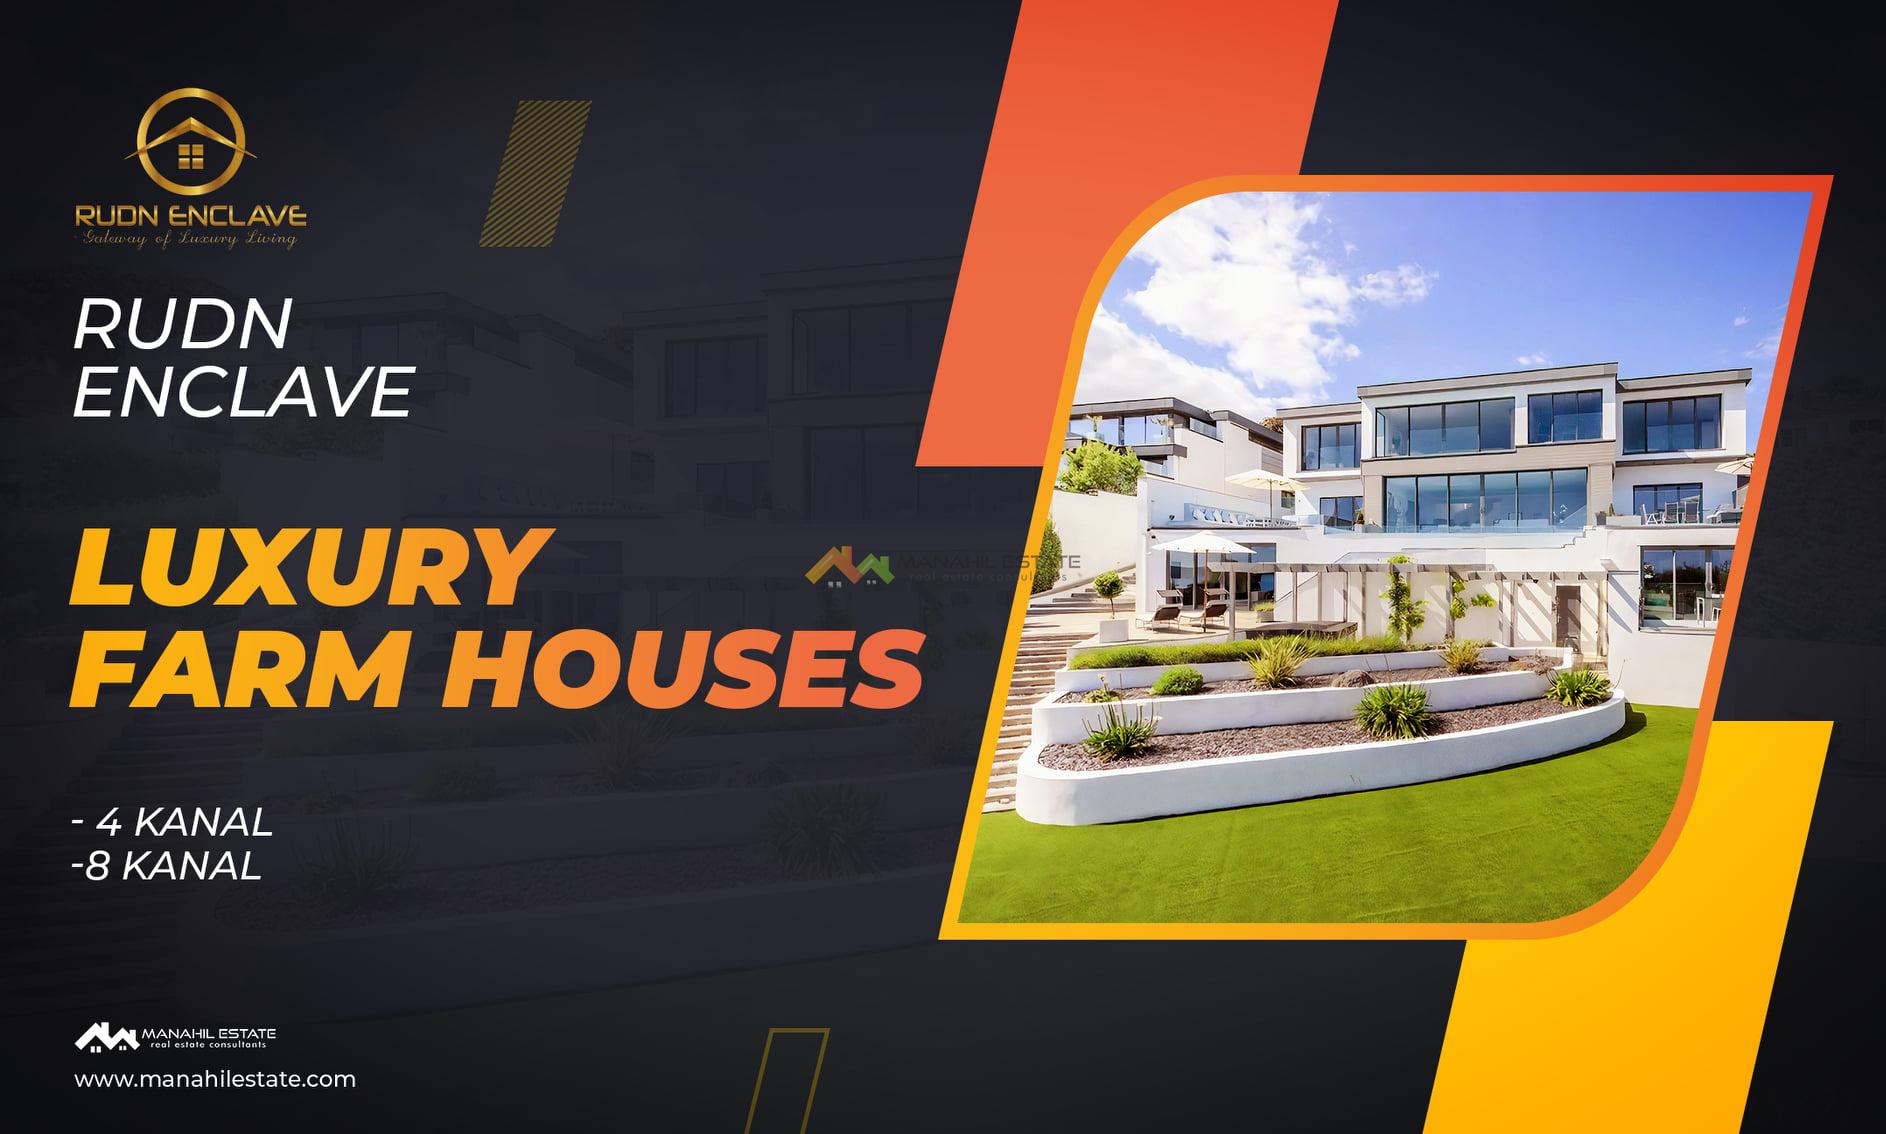 Rudn Enclave Farm Houses